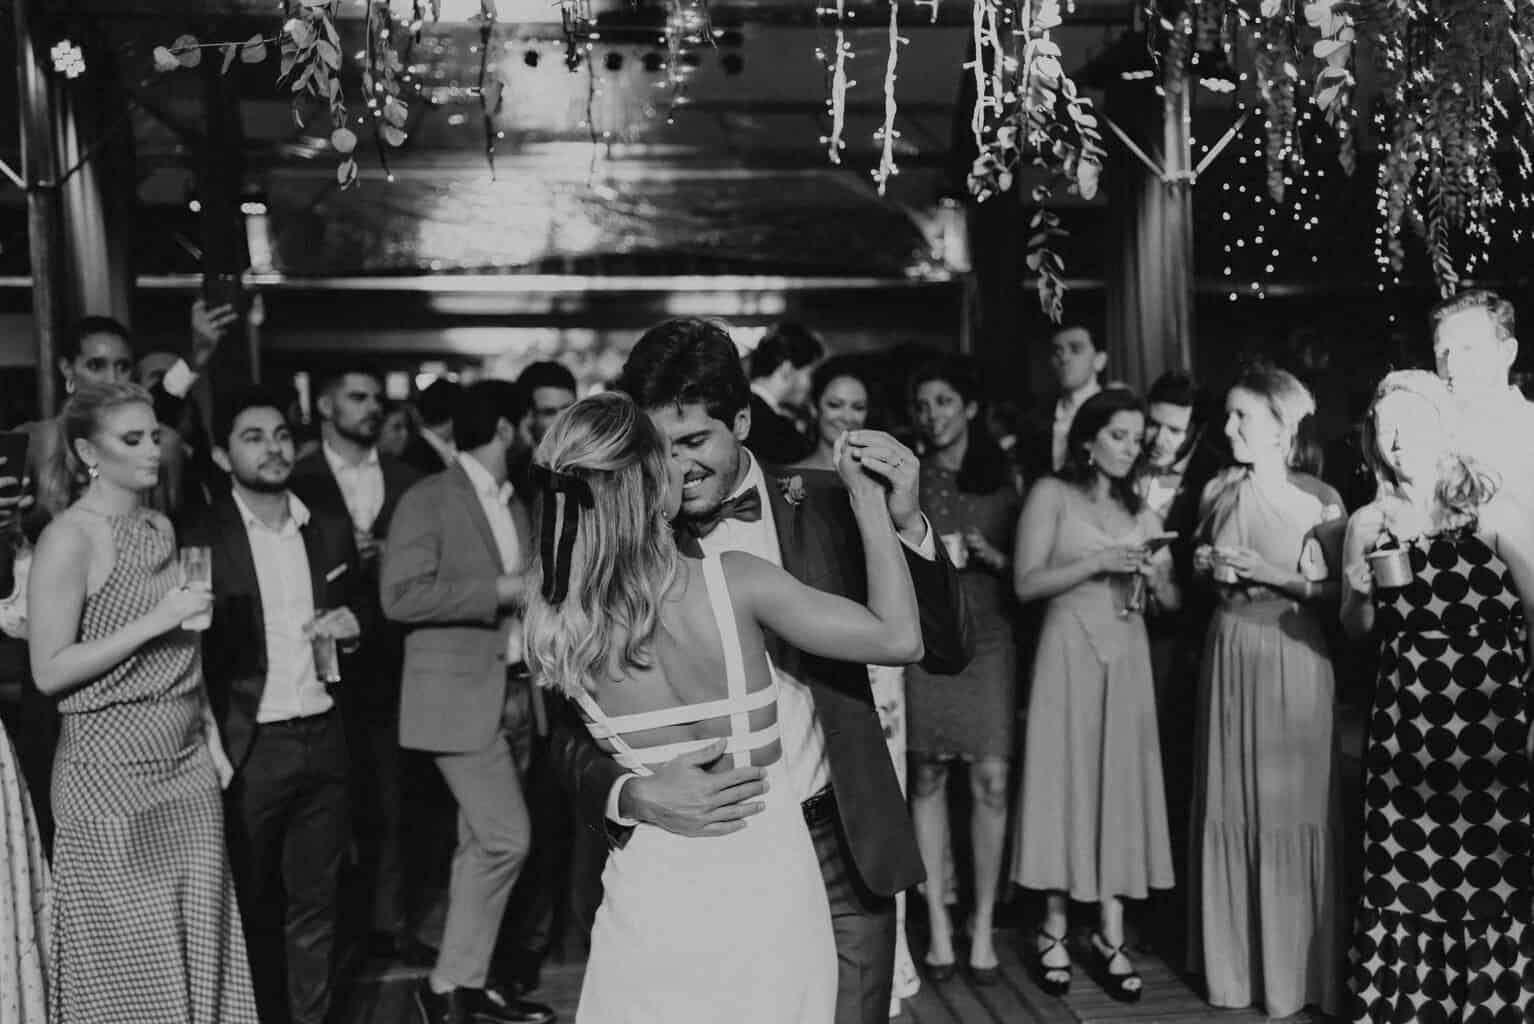 casamento-Maitê-e-Breno-Fotografia-Mana-Gollo-Hotel-Timbó-Park-pista-primeira-dança54